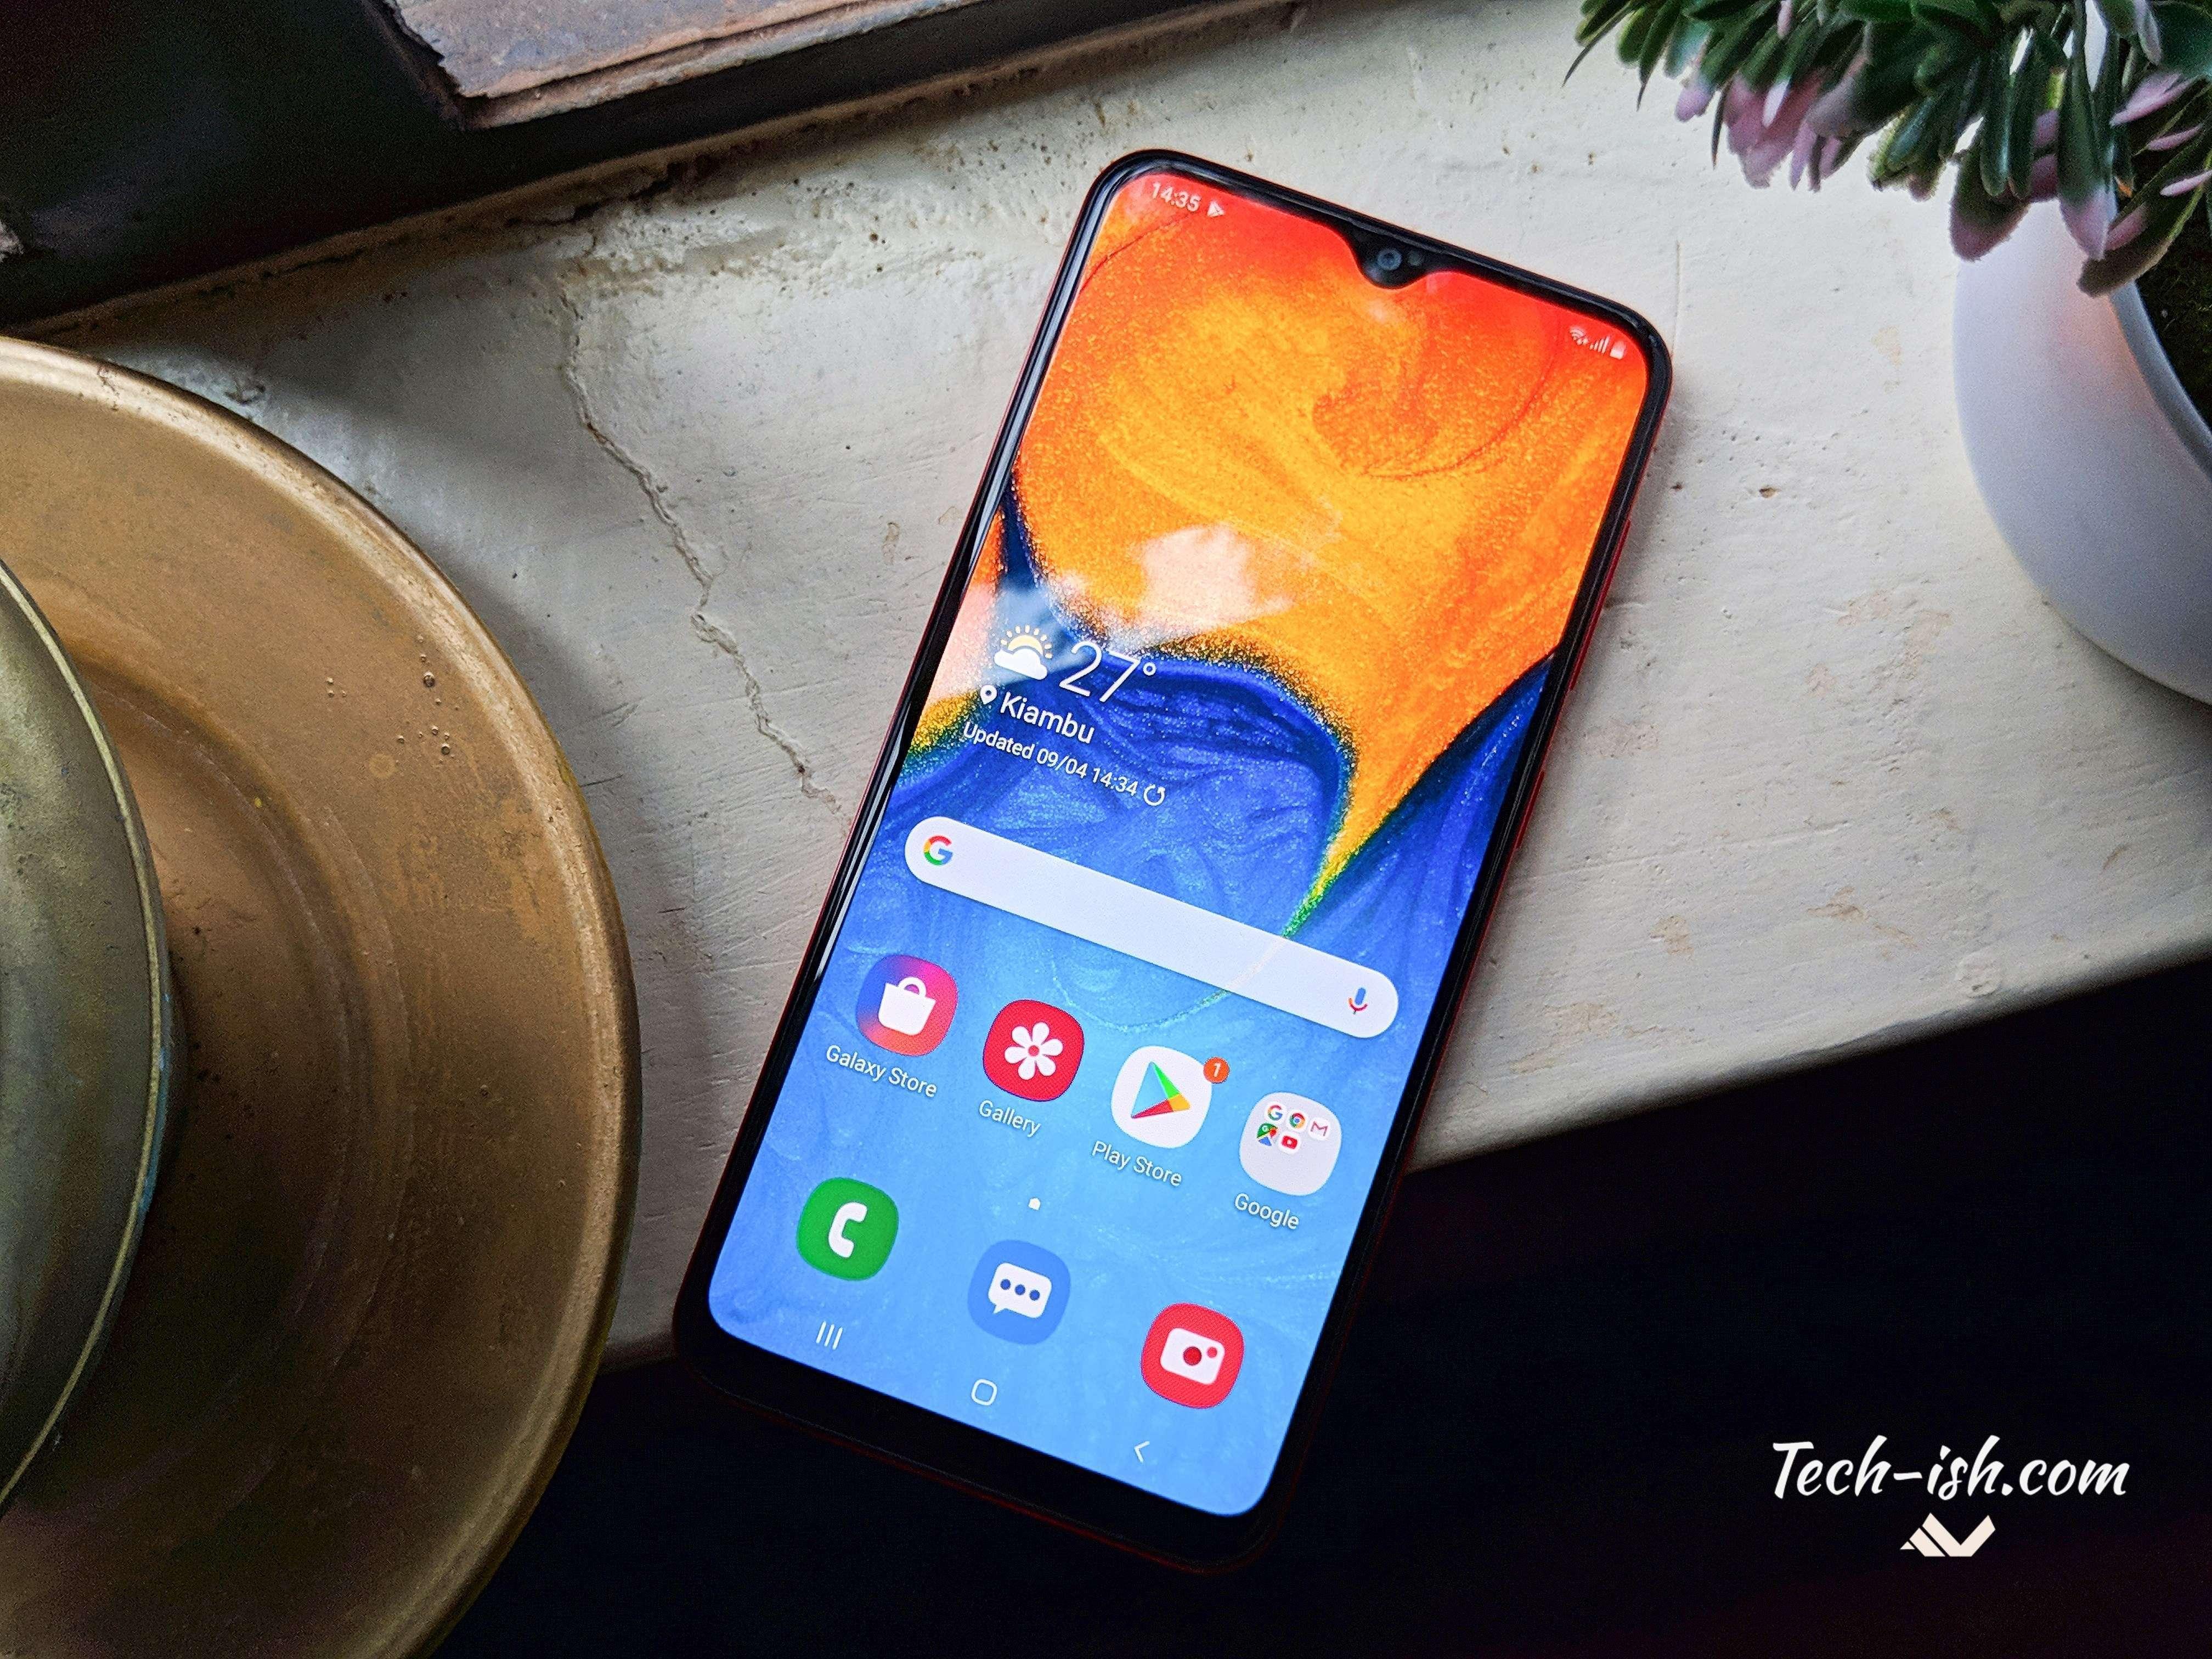 Samsung Galaxy A20 Full Details, Samsung Galaxy A20 Camera Test, Samsung Galaxy A20 Display Size, Samsung Galaxy A20 Price, Samsung Galaxy A20 Testing, Samsung Galaxy A20 Cam, Samsung Galaxy A20